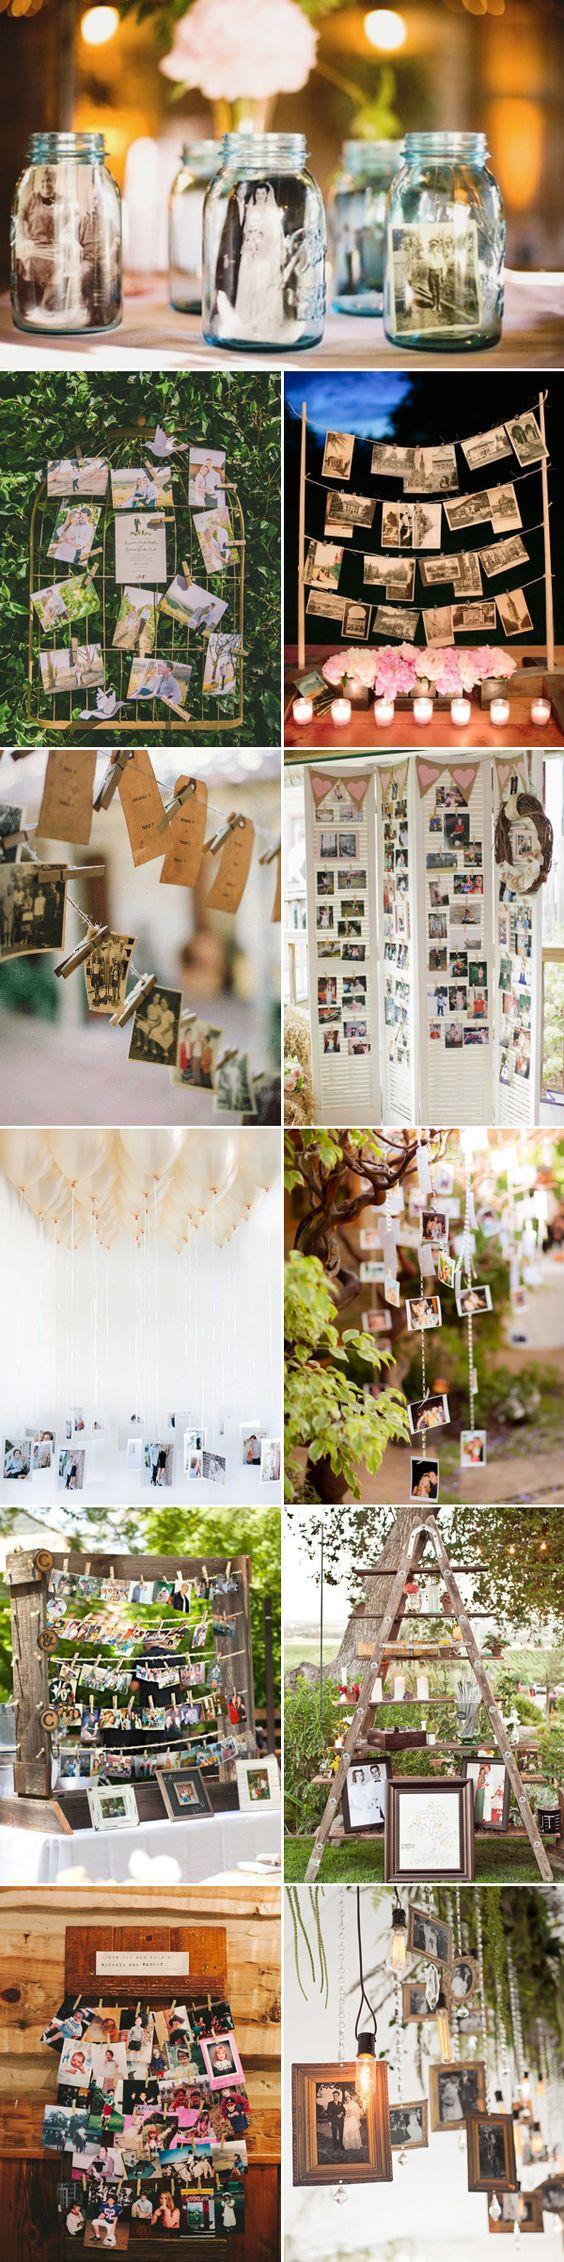 ガーランド風や風船に *結婚式 チェキ 飾り方*: